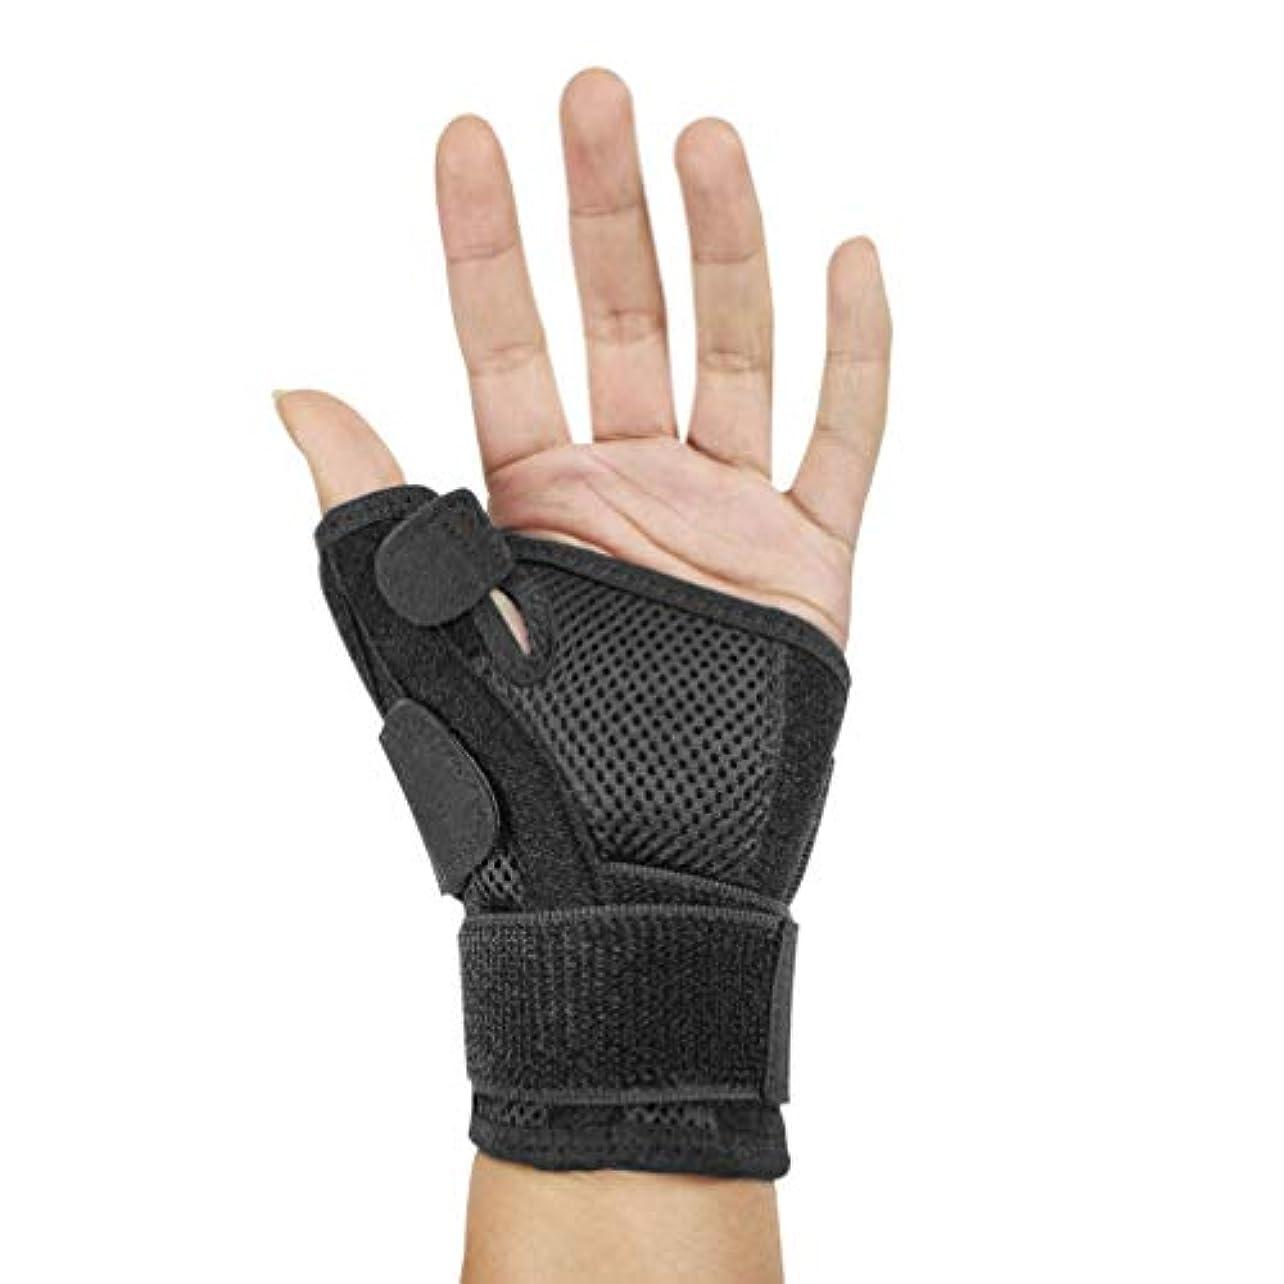 バージンドラム舗装するHealifty 手首用サポーター 手首固定 調節可能 スポーツ 手首サポート 女性 男性